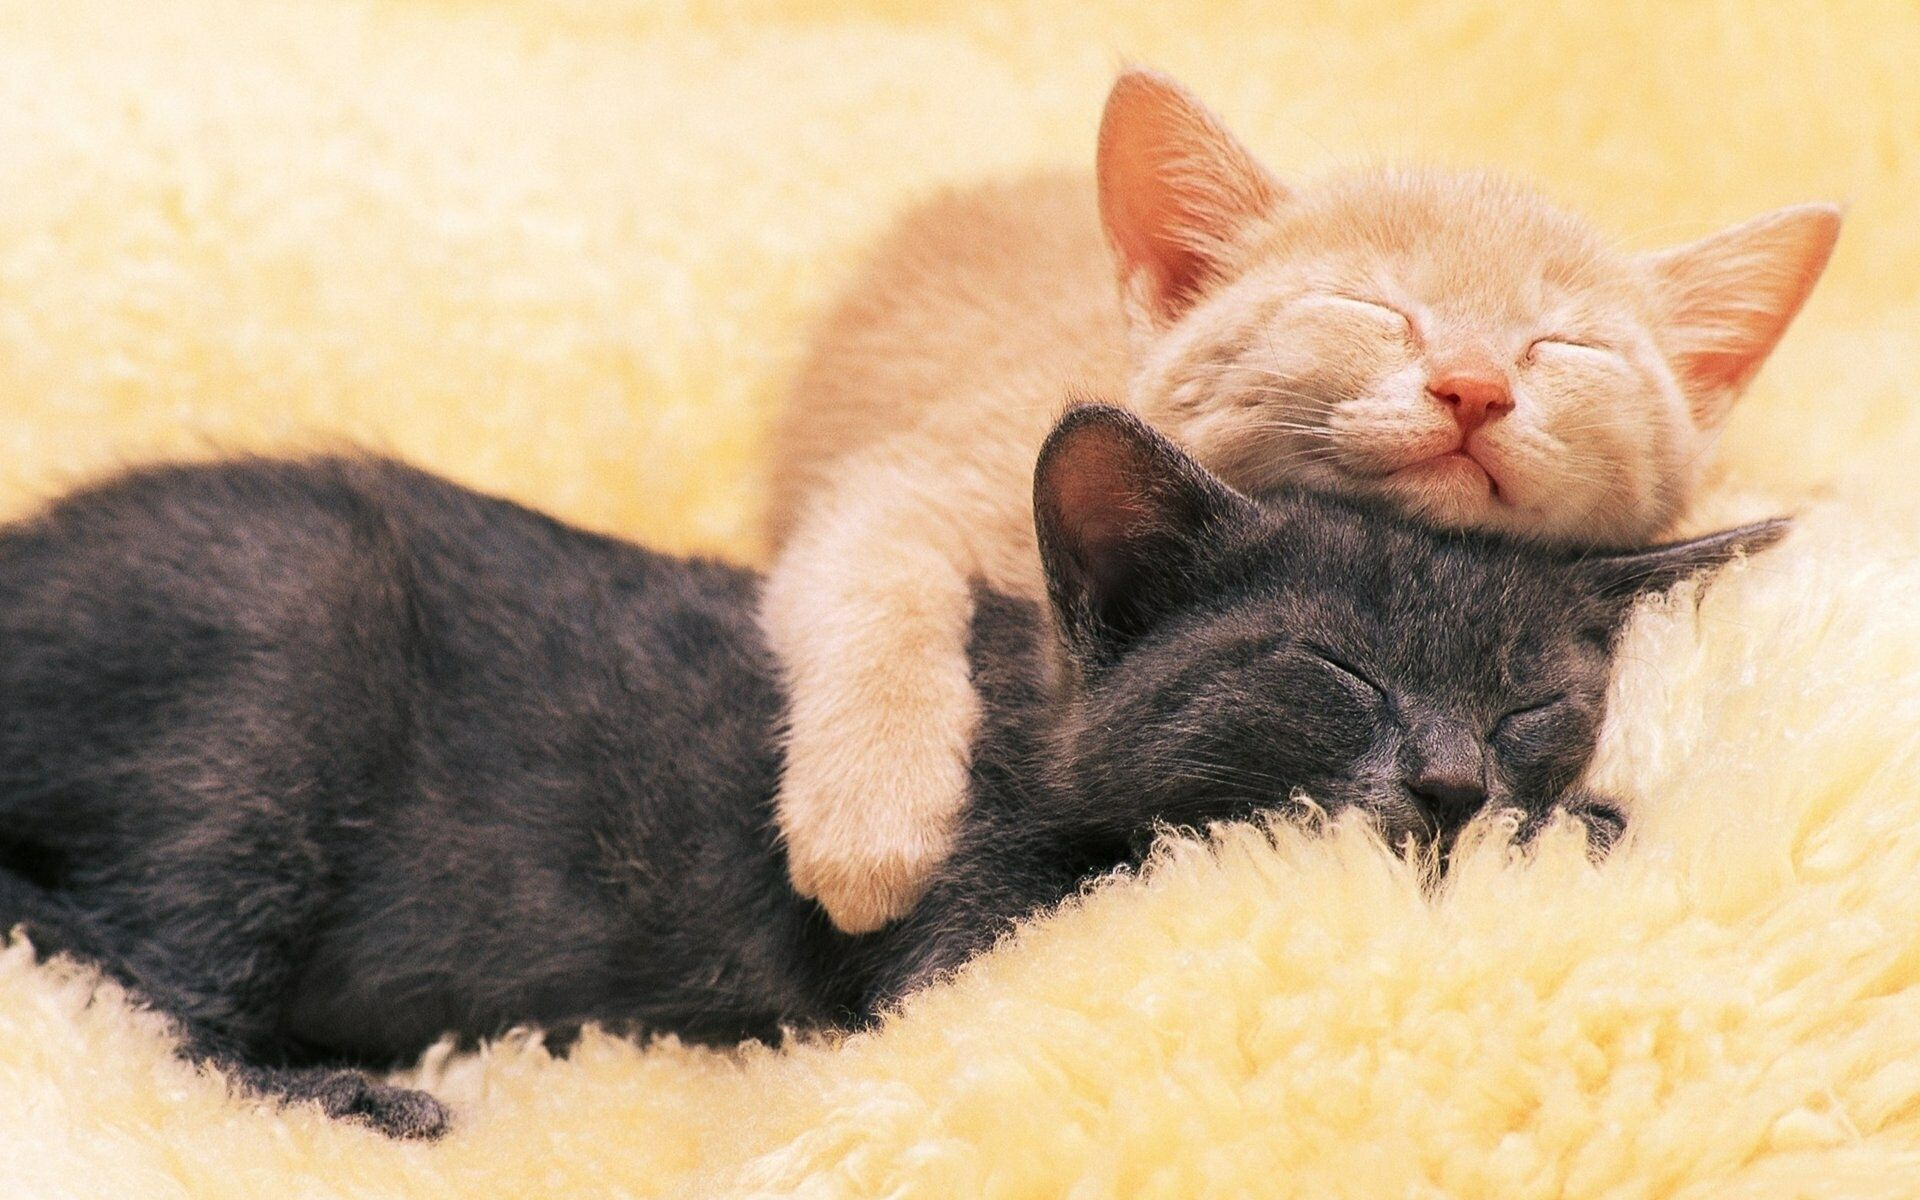 котята спят в обнимку фото будем брать старые